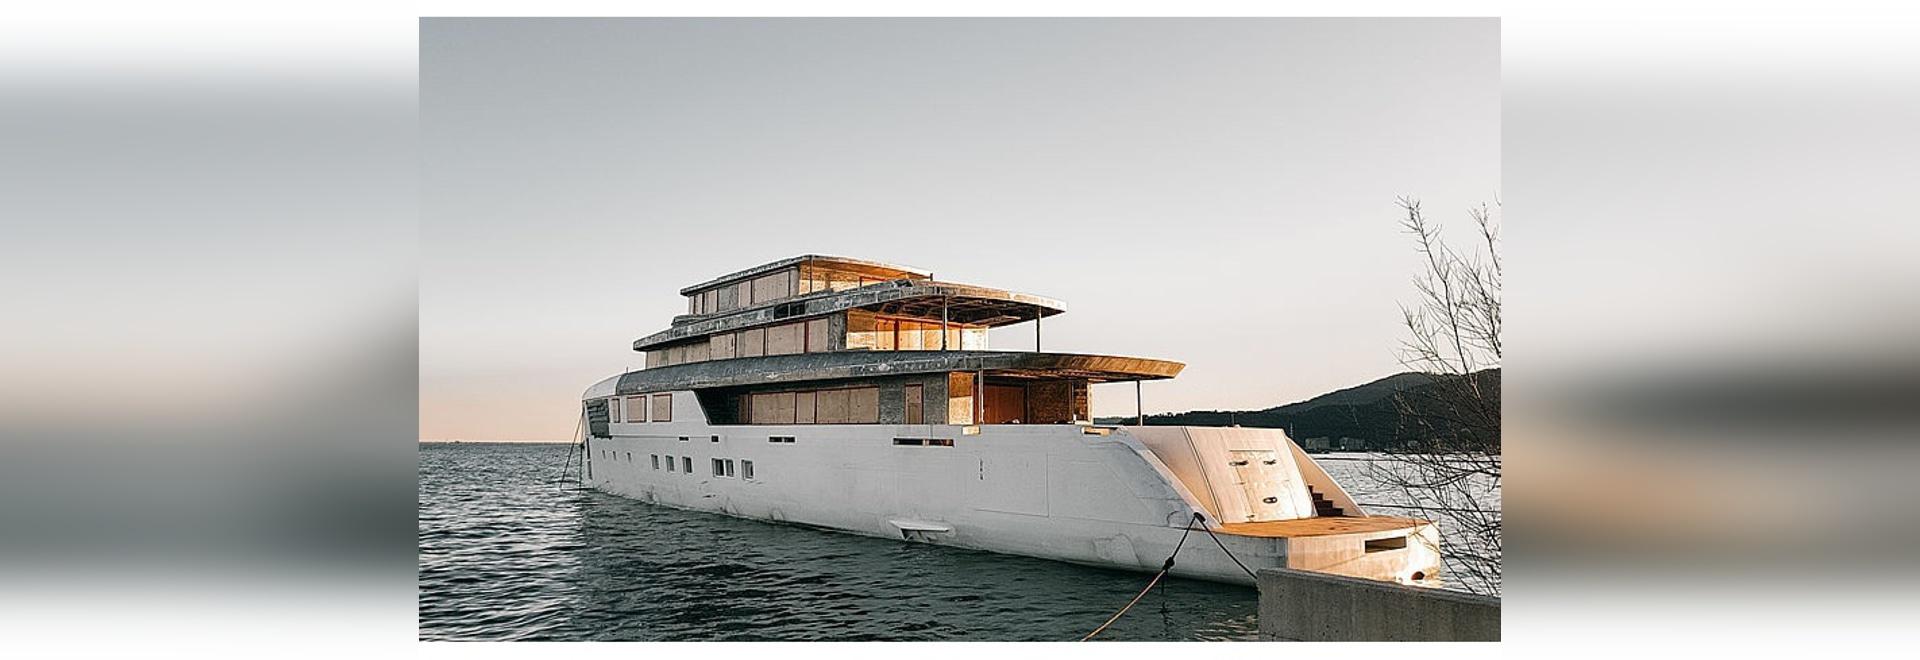 Le nouvel yacht fait sur commande de moteur de 56m de Perini Navi arrive en La Spezia